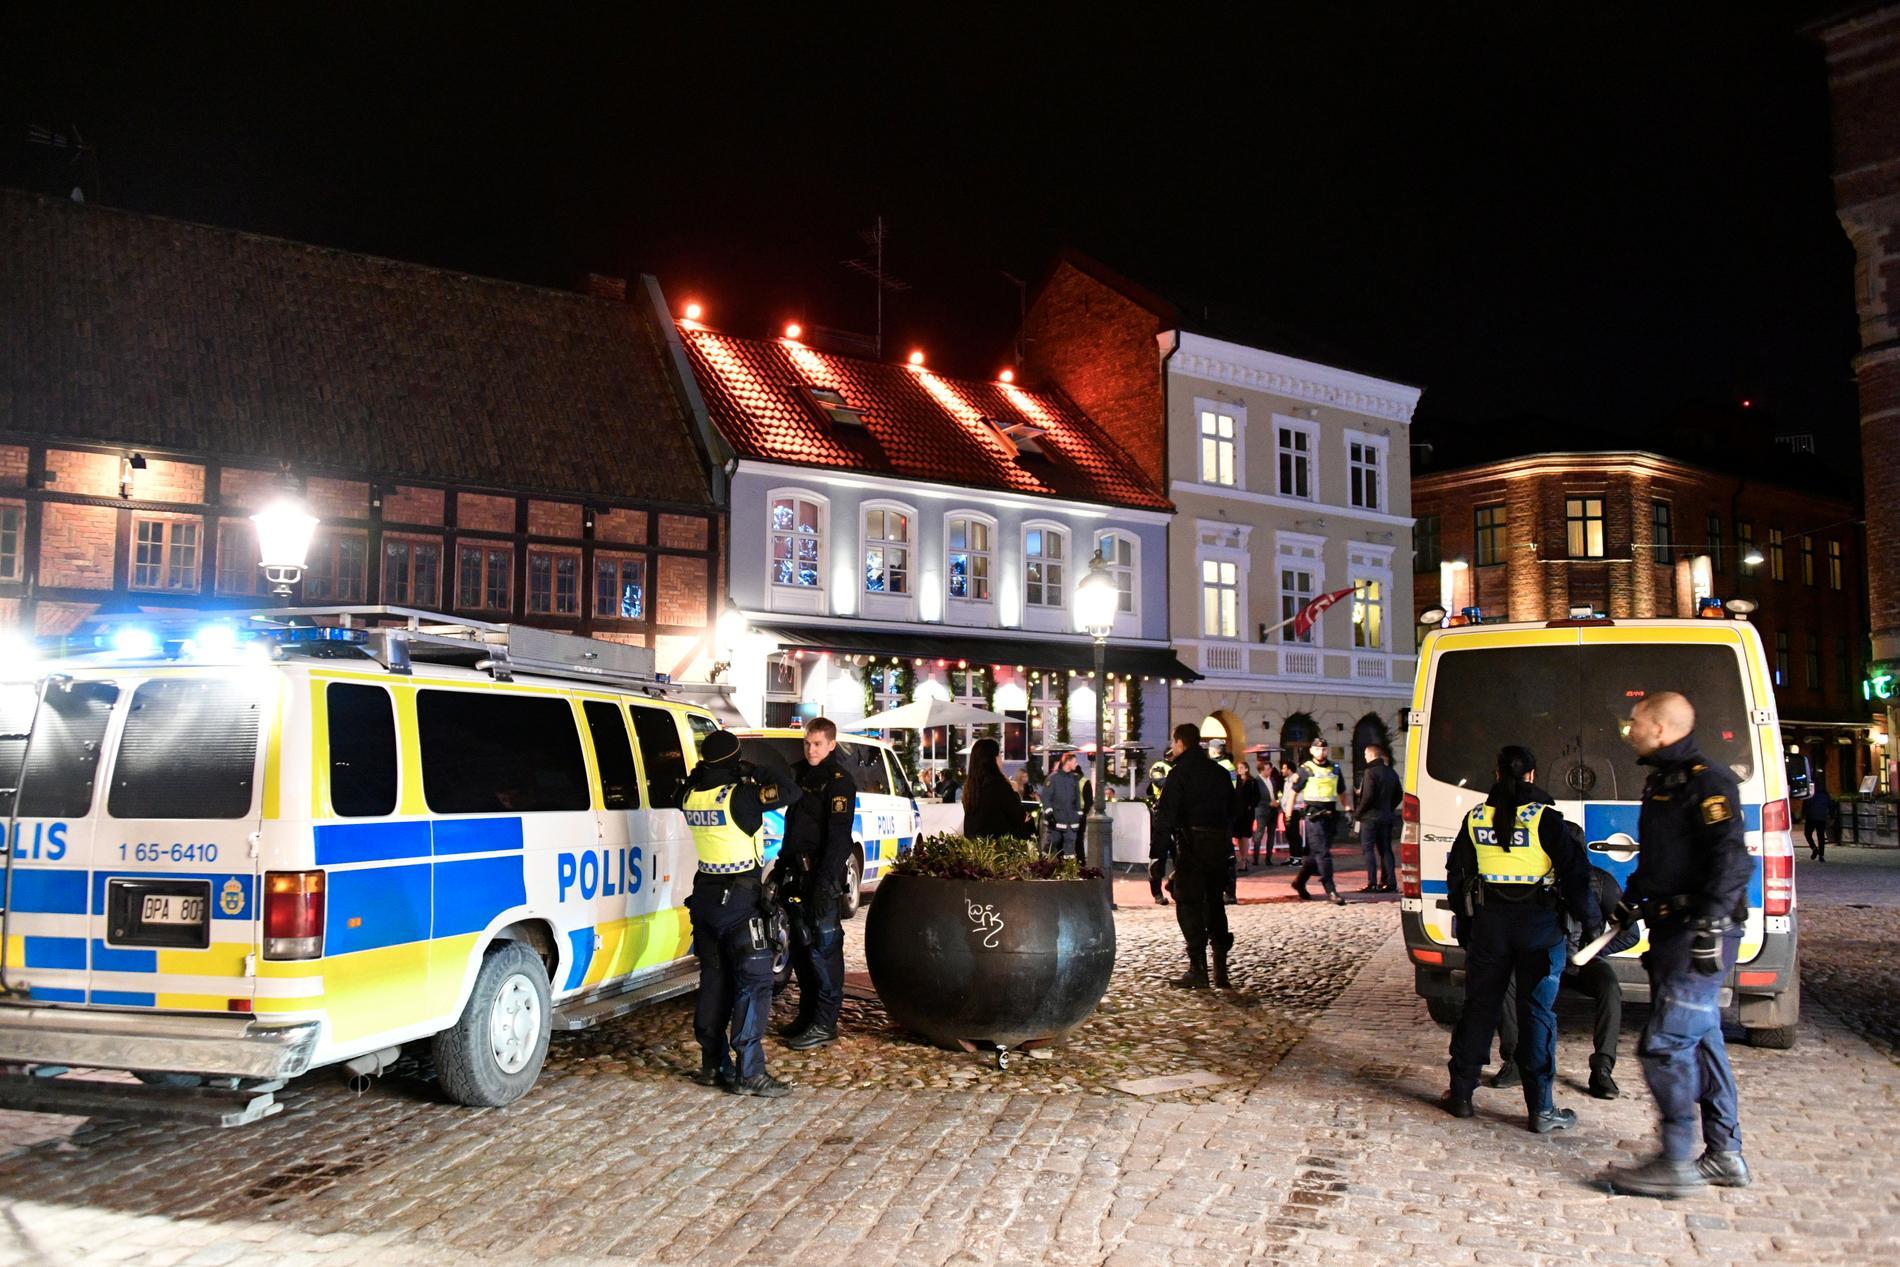 Polisinsats efter större bråk i Malmö